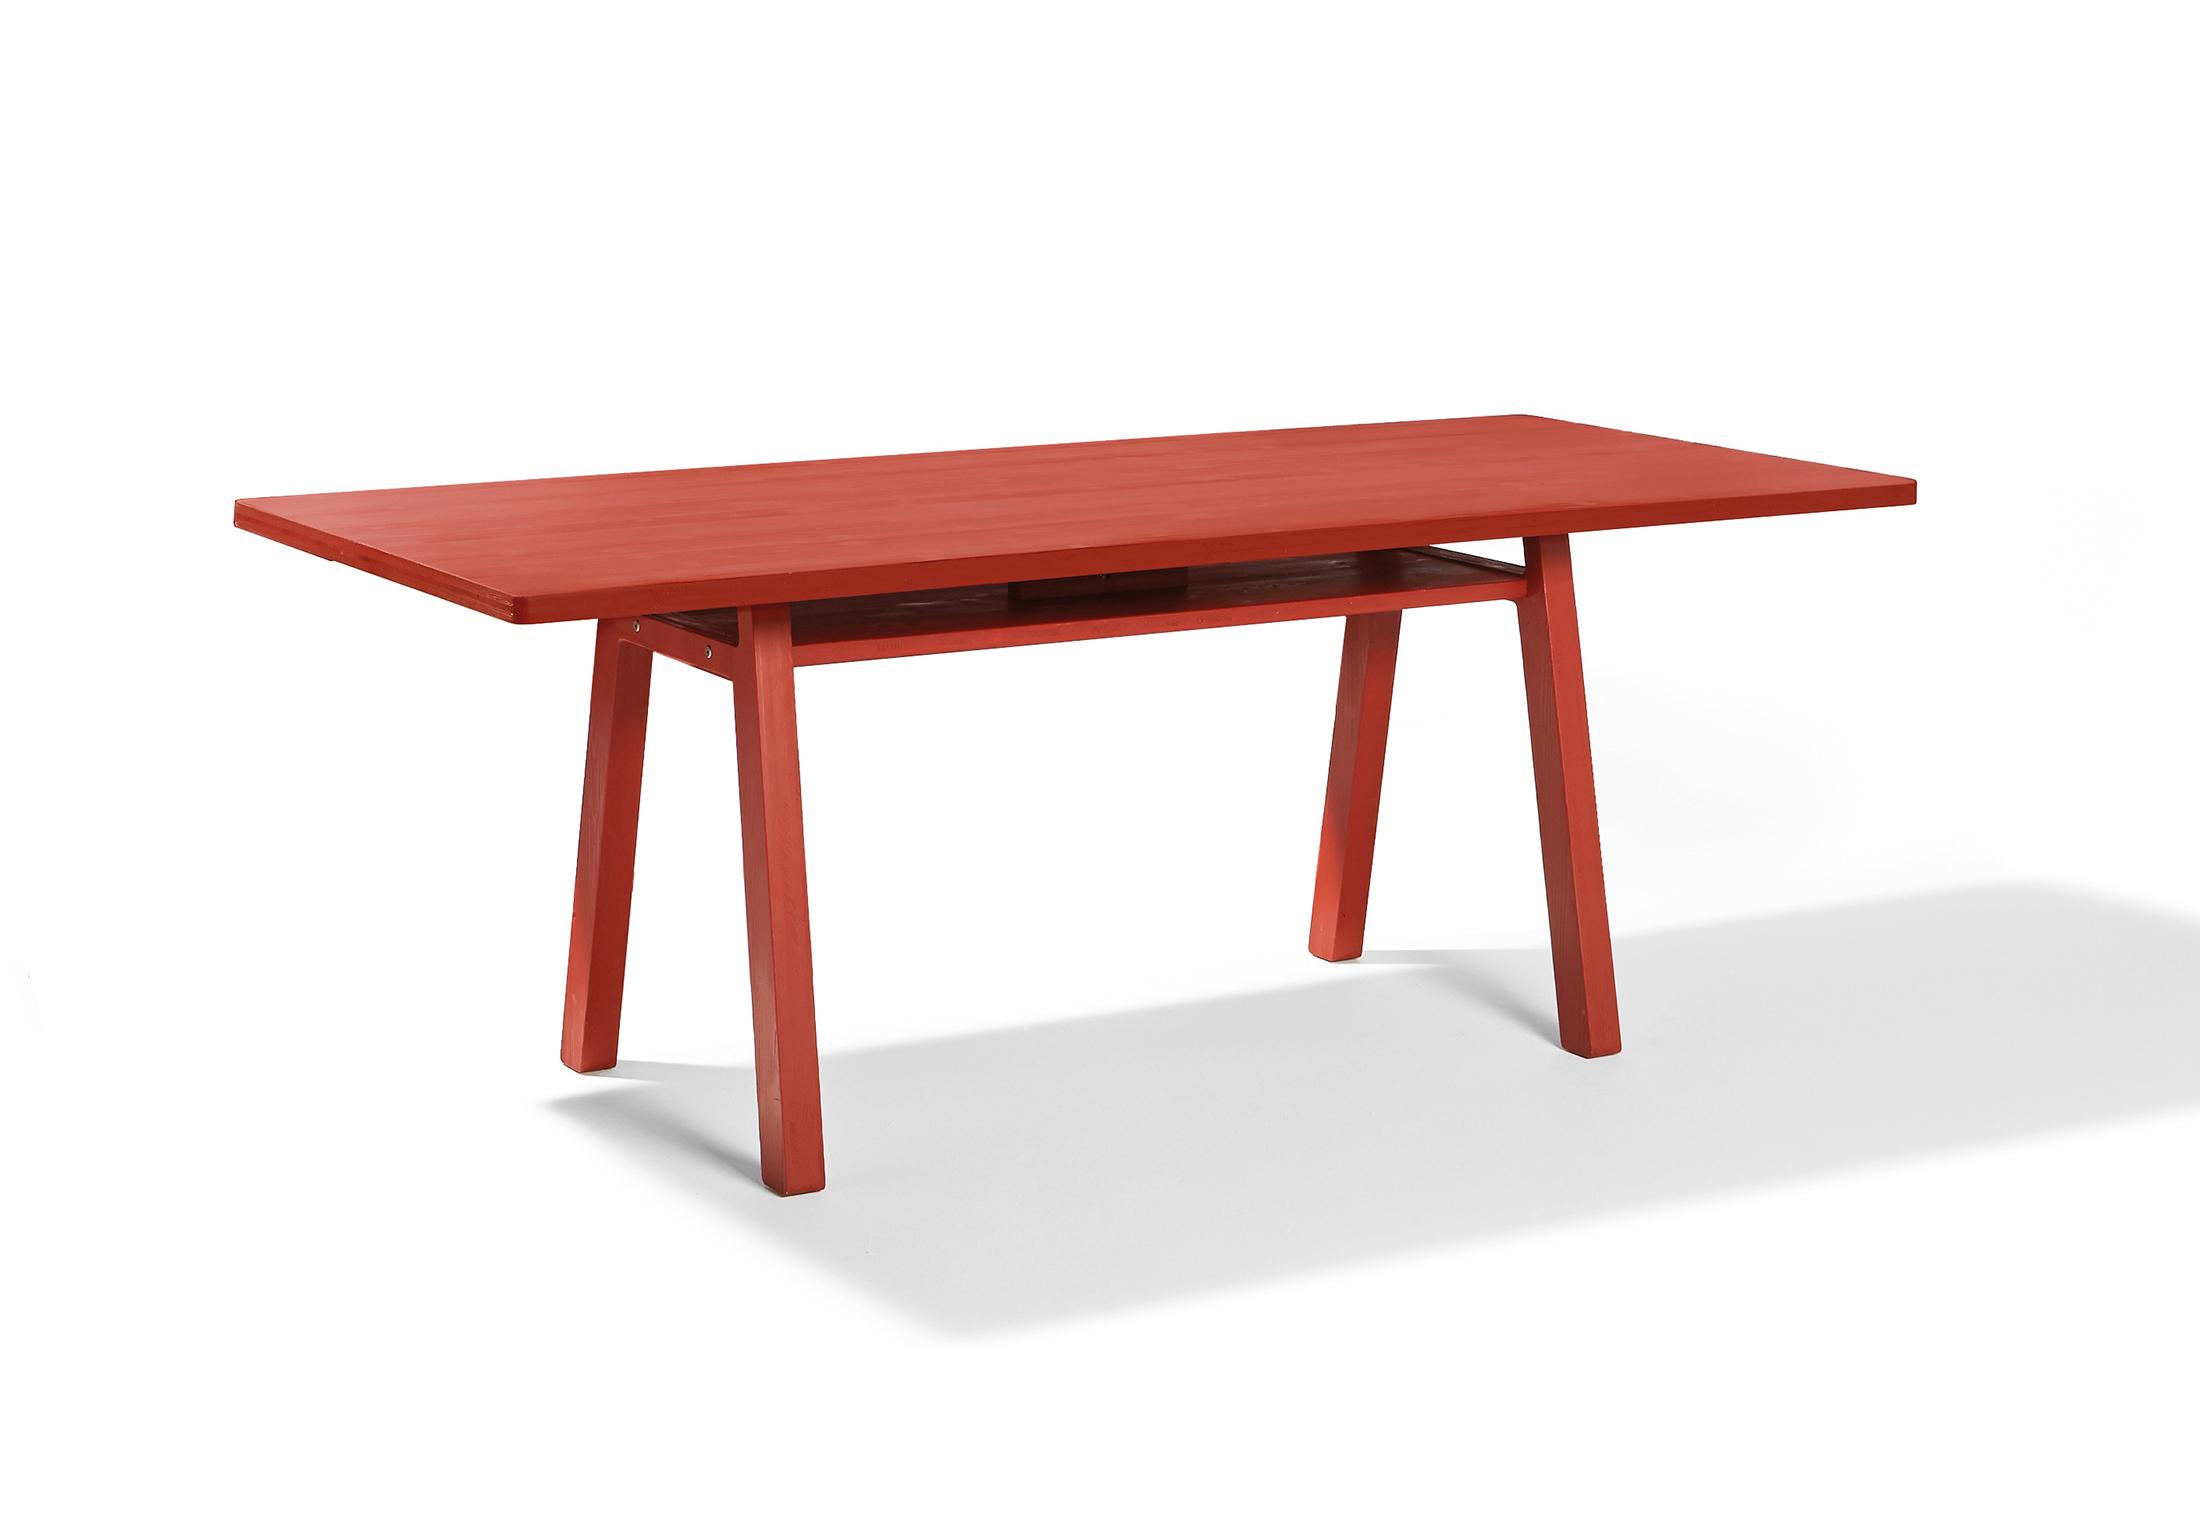 Stijl Tisch von Richard Lampert | STYLEPARK